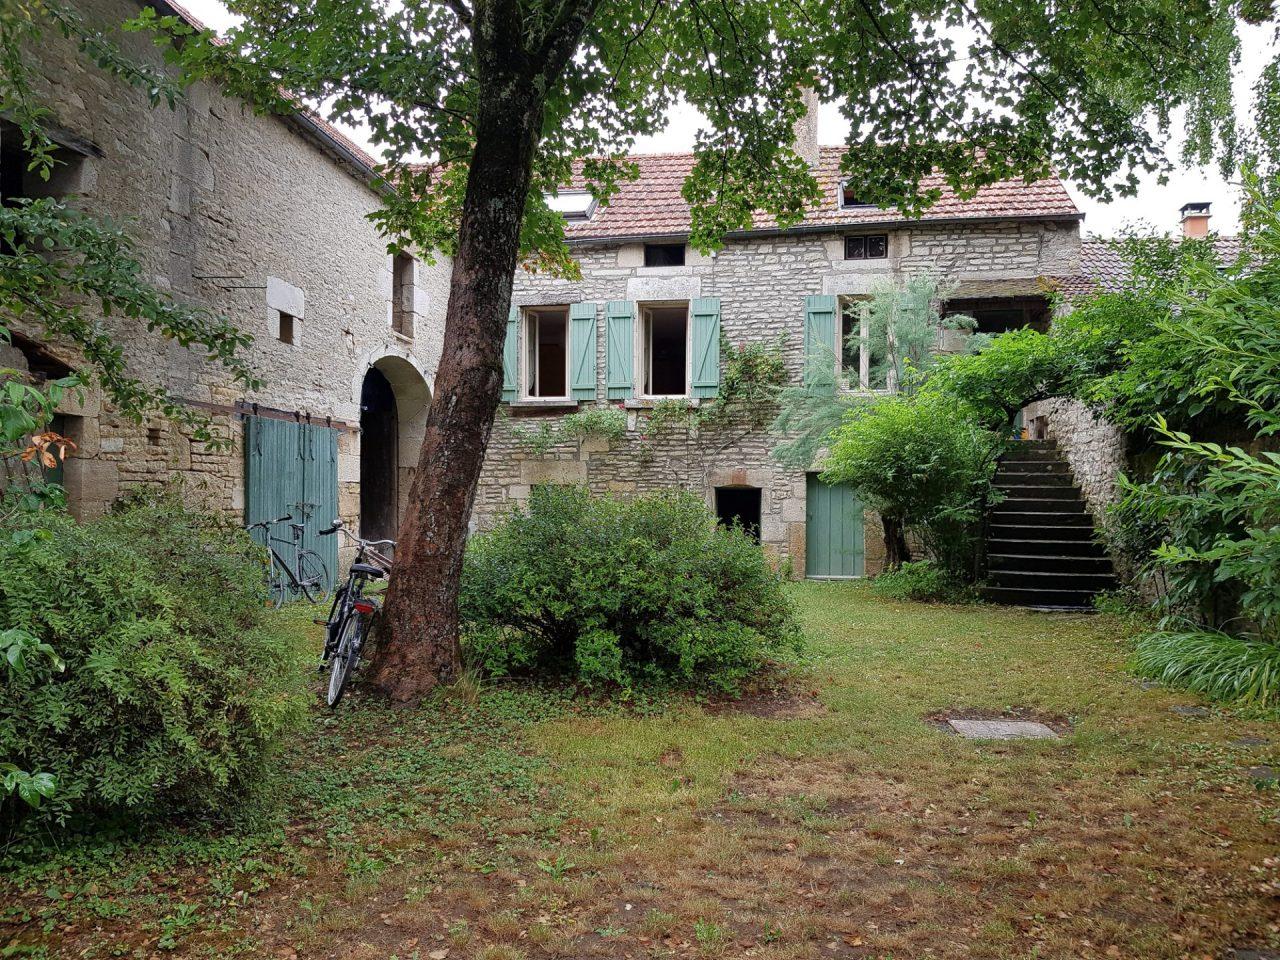 bourgogne-yonne-cry-sur-armancon-maison-de-coeur-jardin-grange-velos-samsung